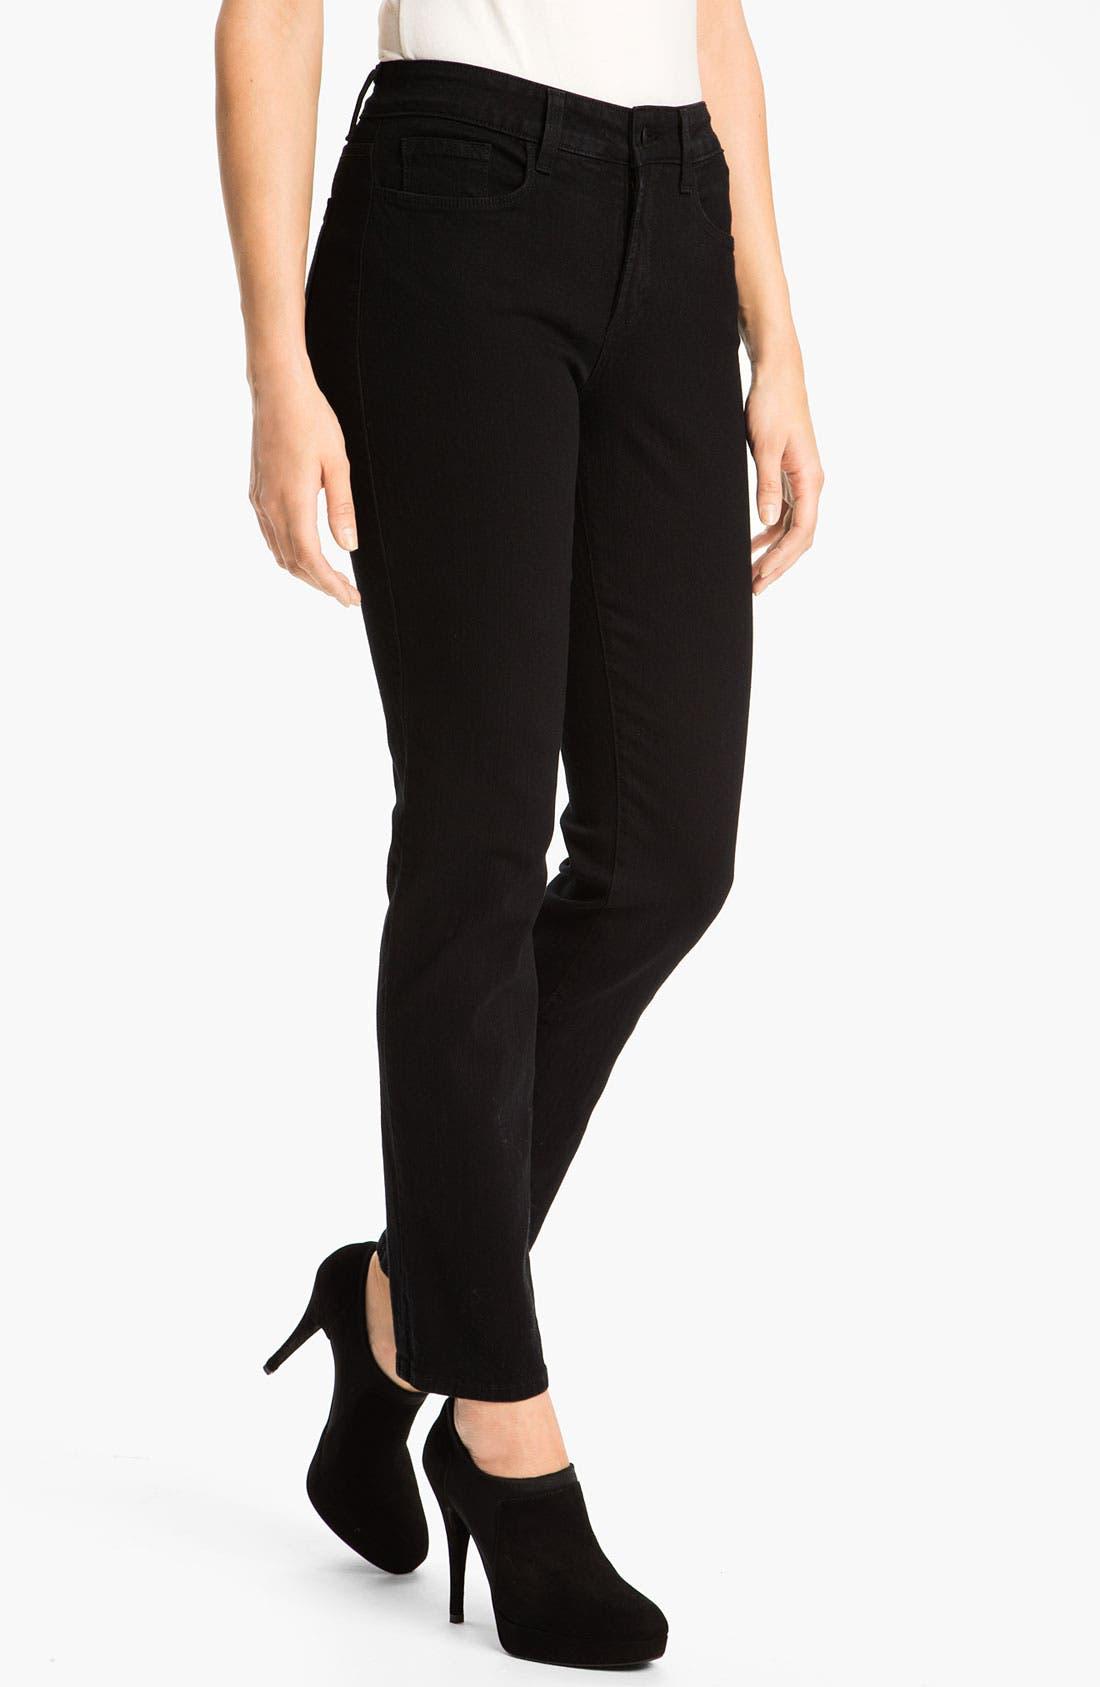 'Sheri' Stretch Skinny Jeans,                         Main,                         color, Black